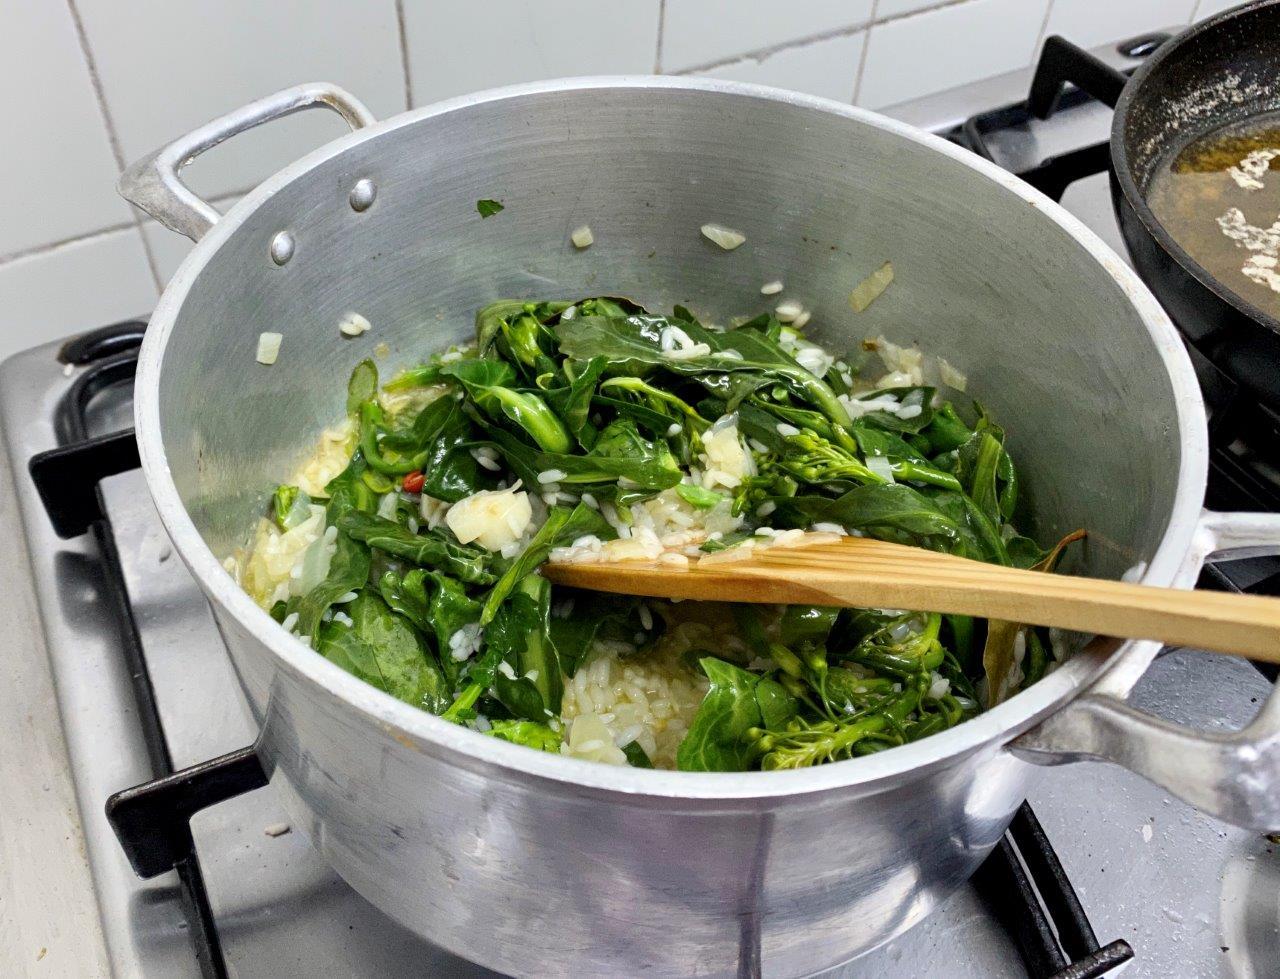 arroz de grelos - Arroz de grelos